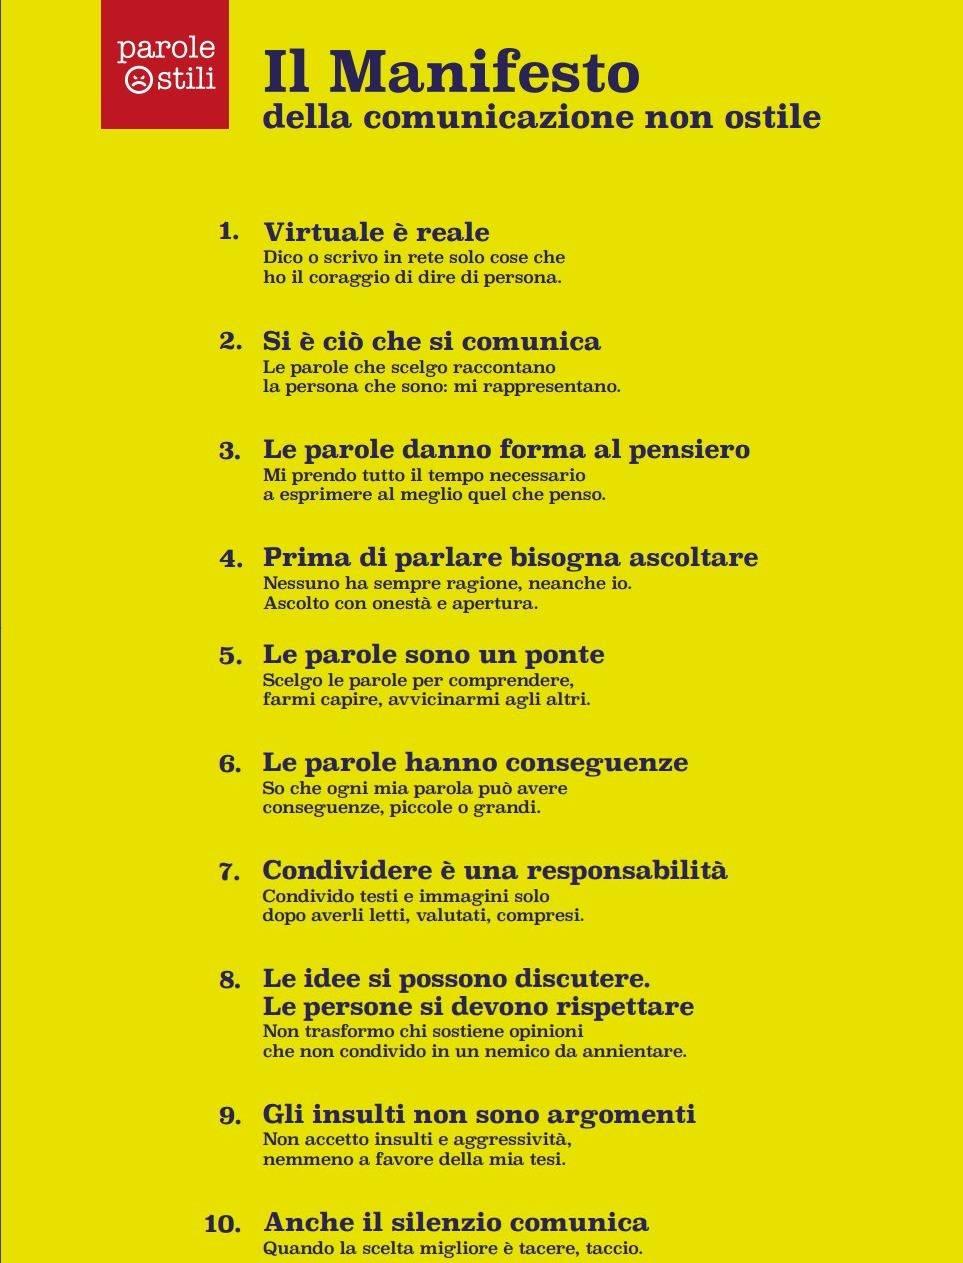 manifesto della comunicazione 1